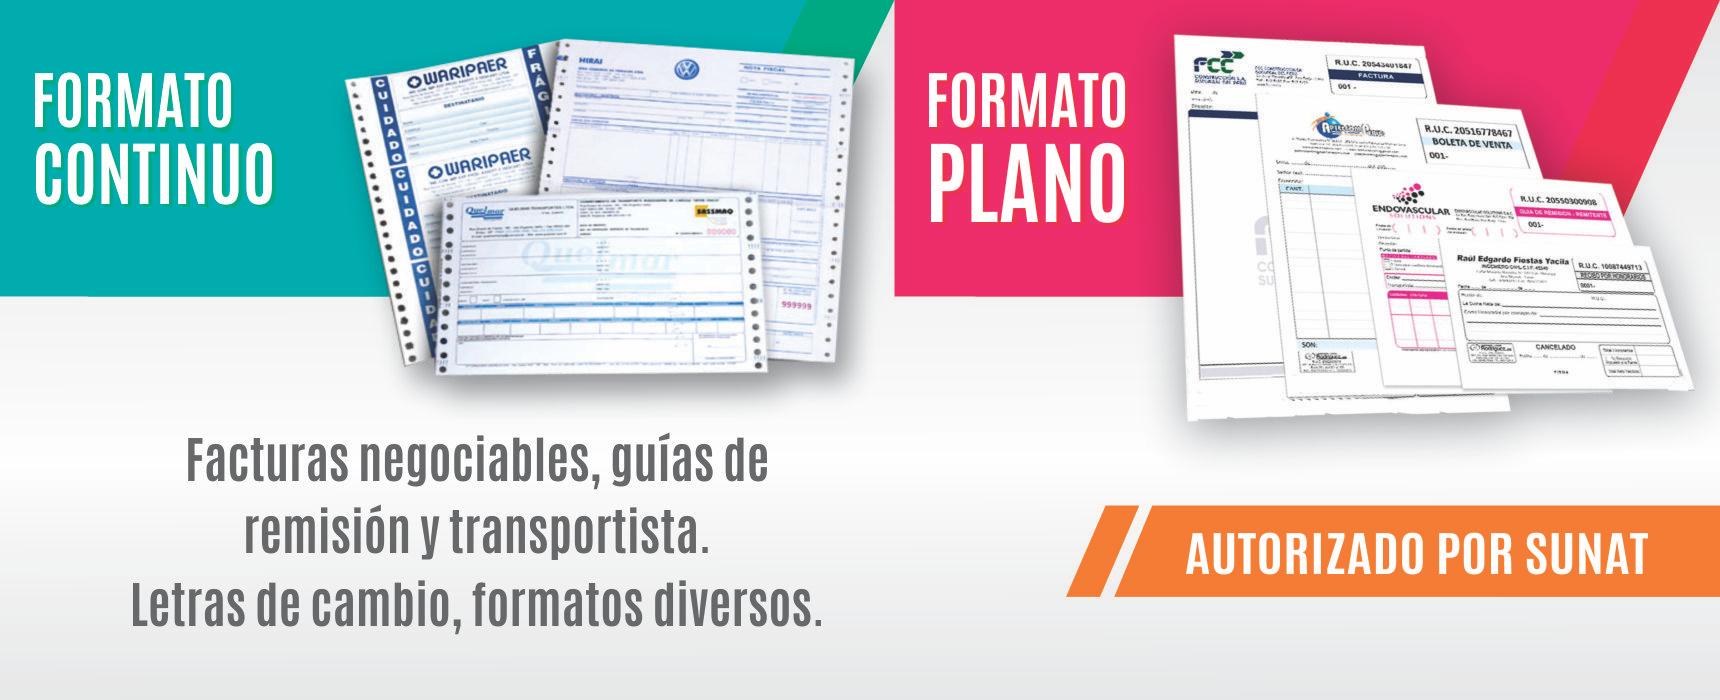 banner web formato plano y continuo_BLOG